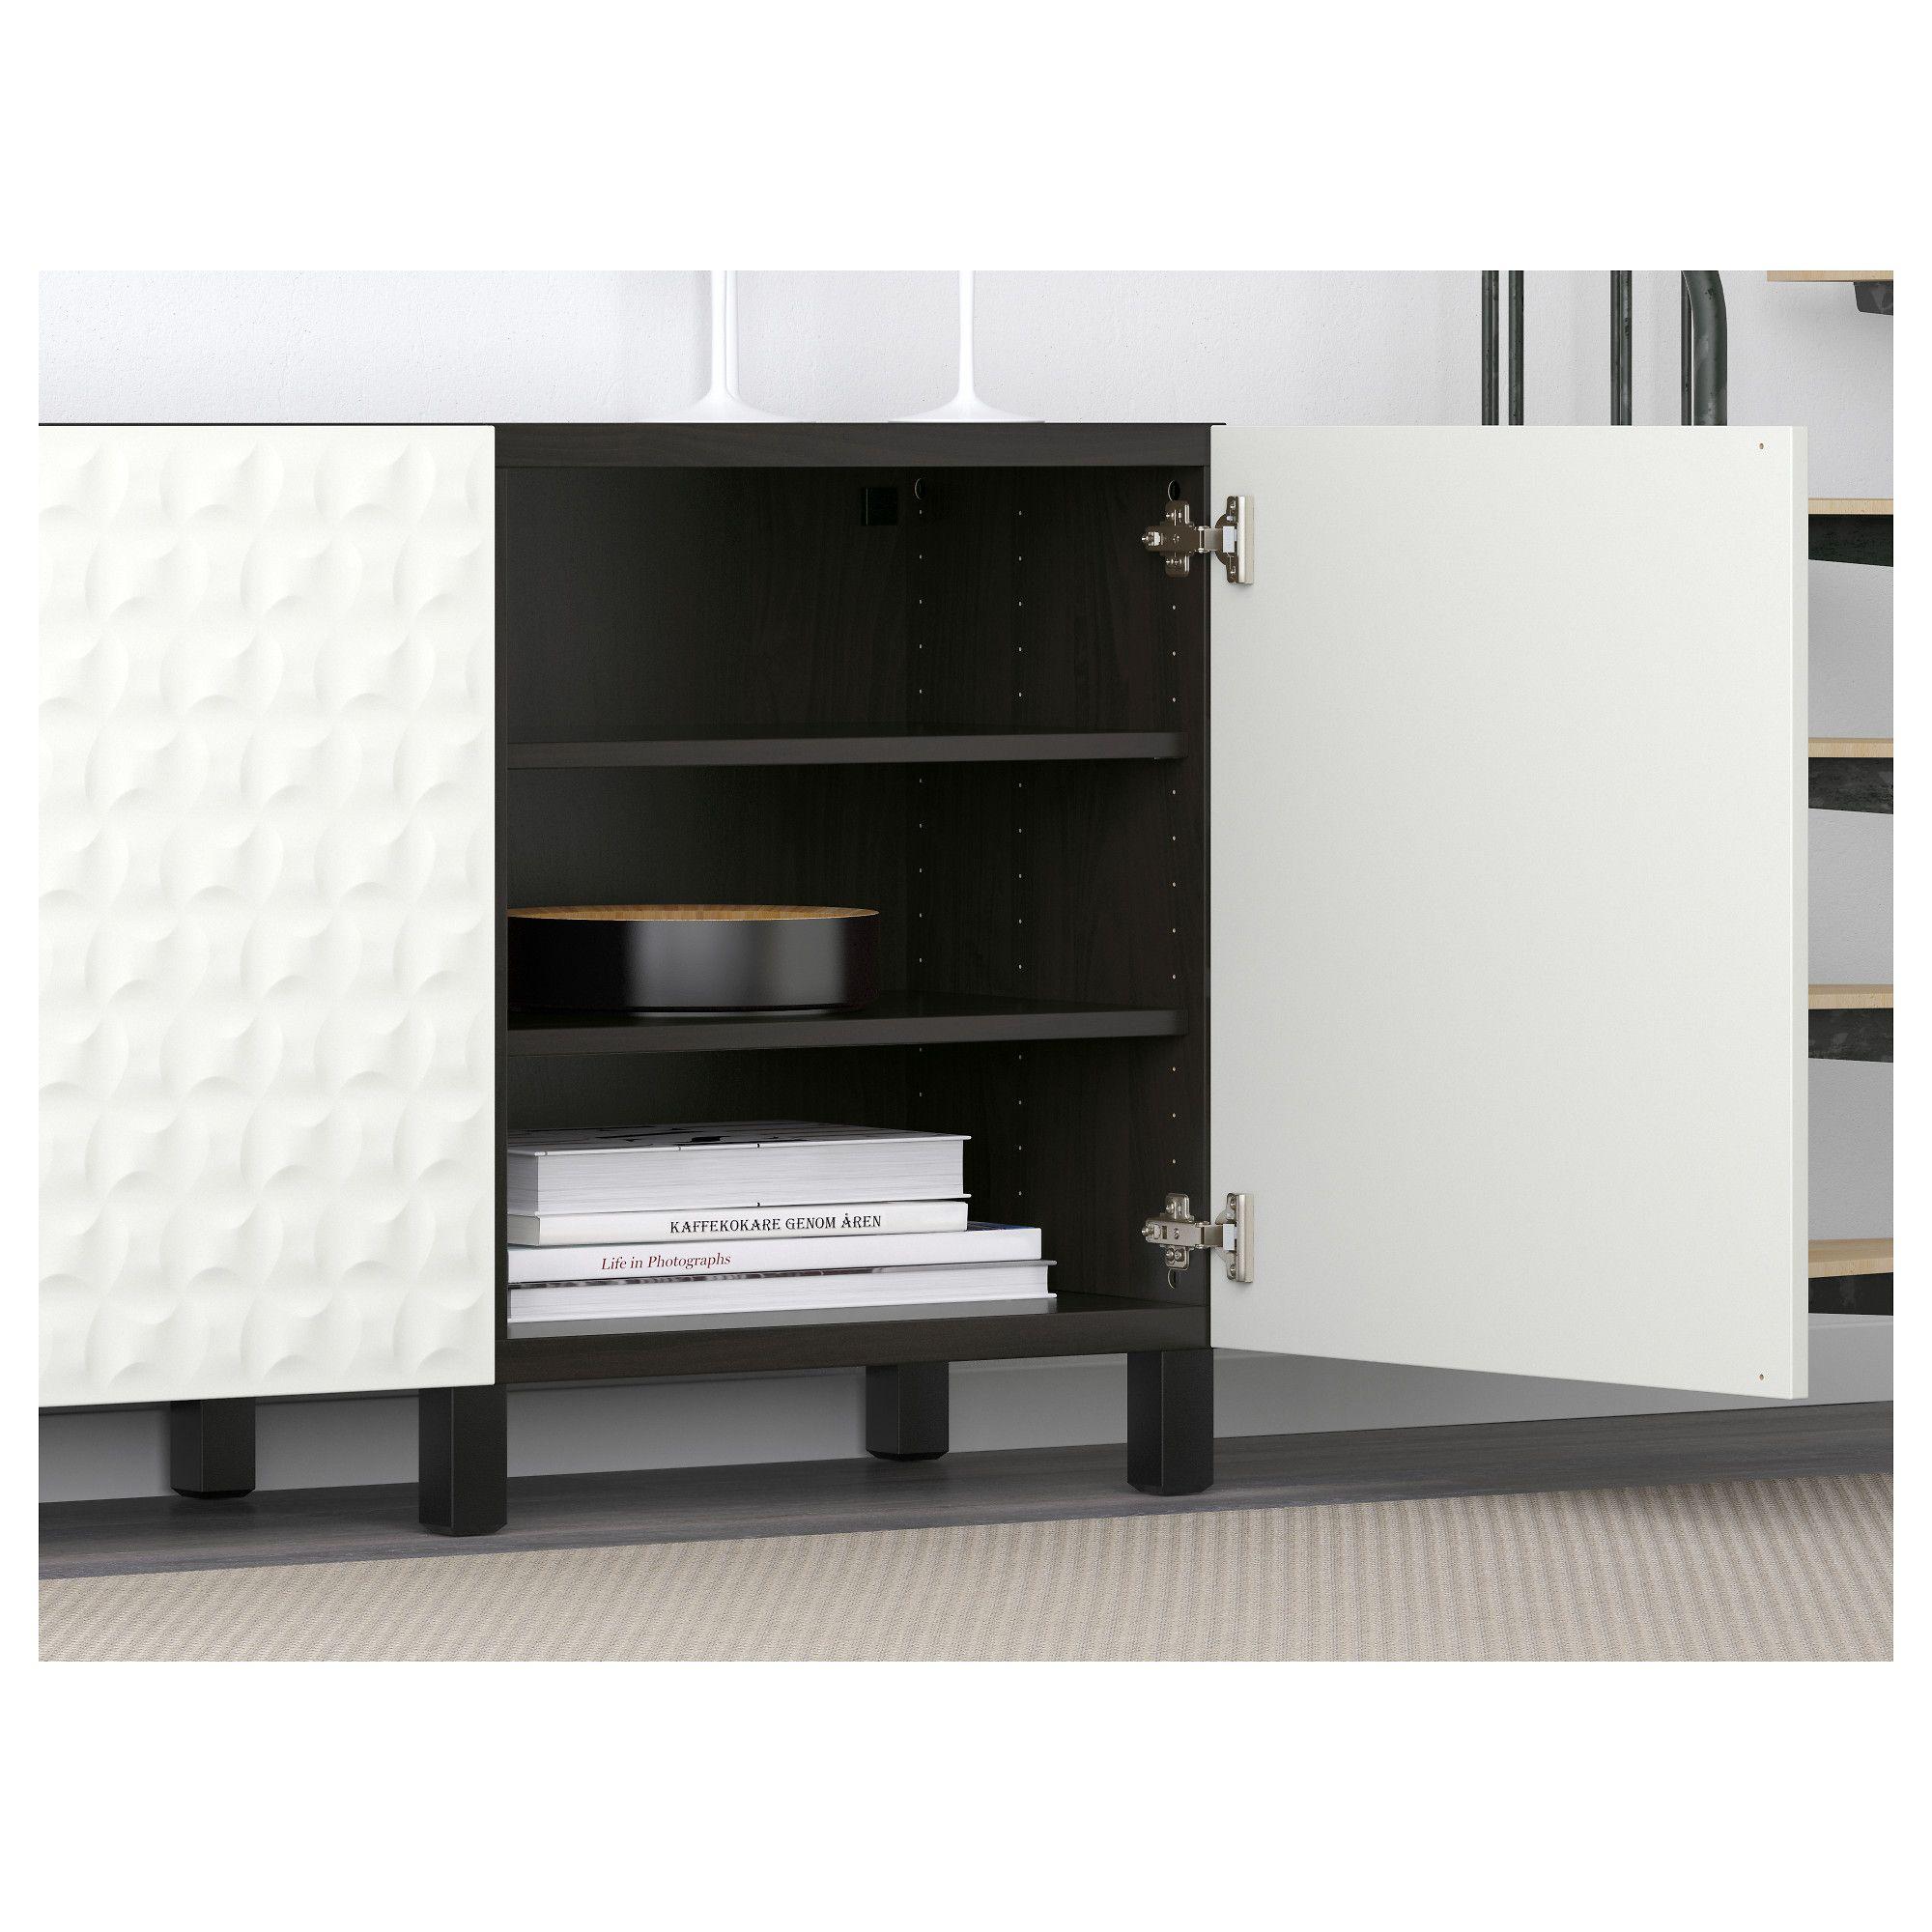 Australia Ikea ps Adjustable shelving, Home